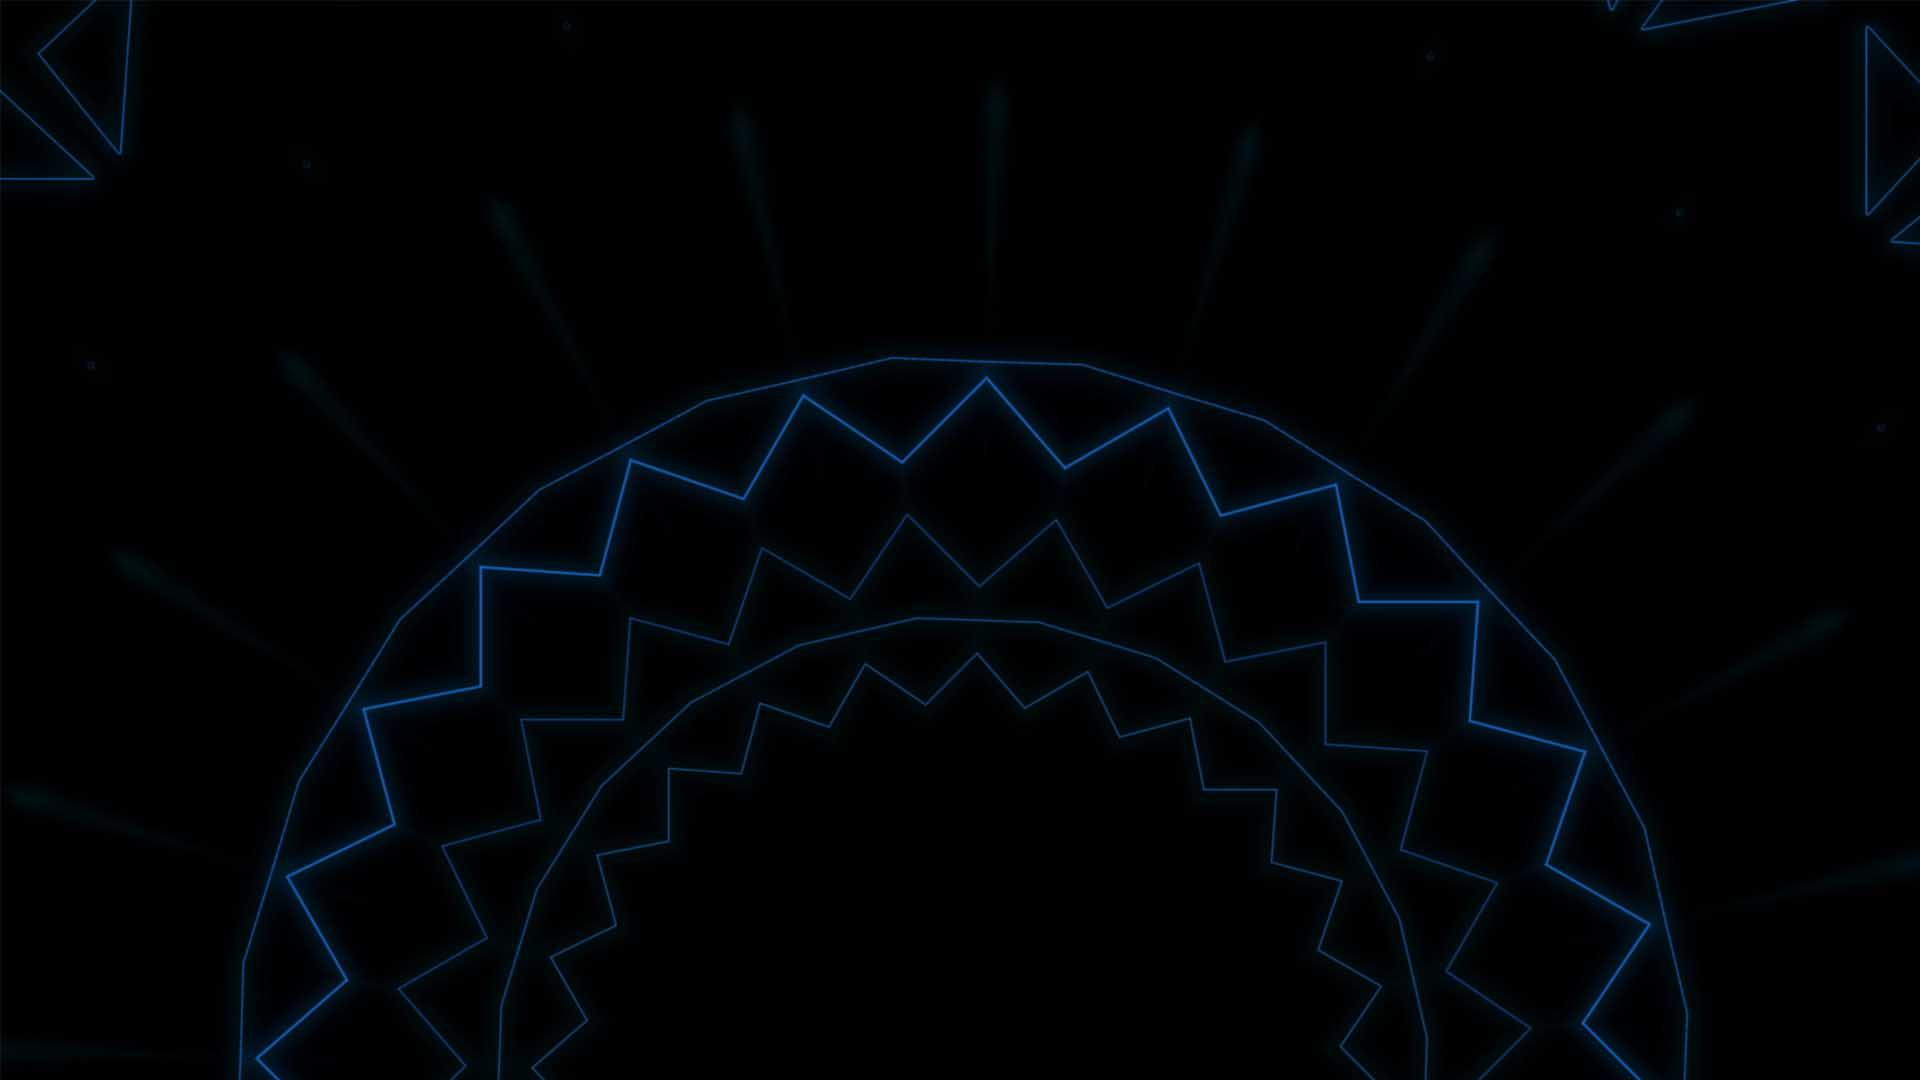 vj loops neon